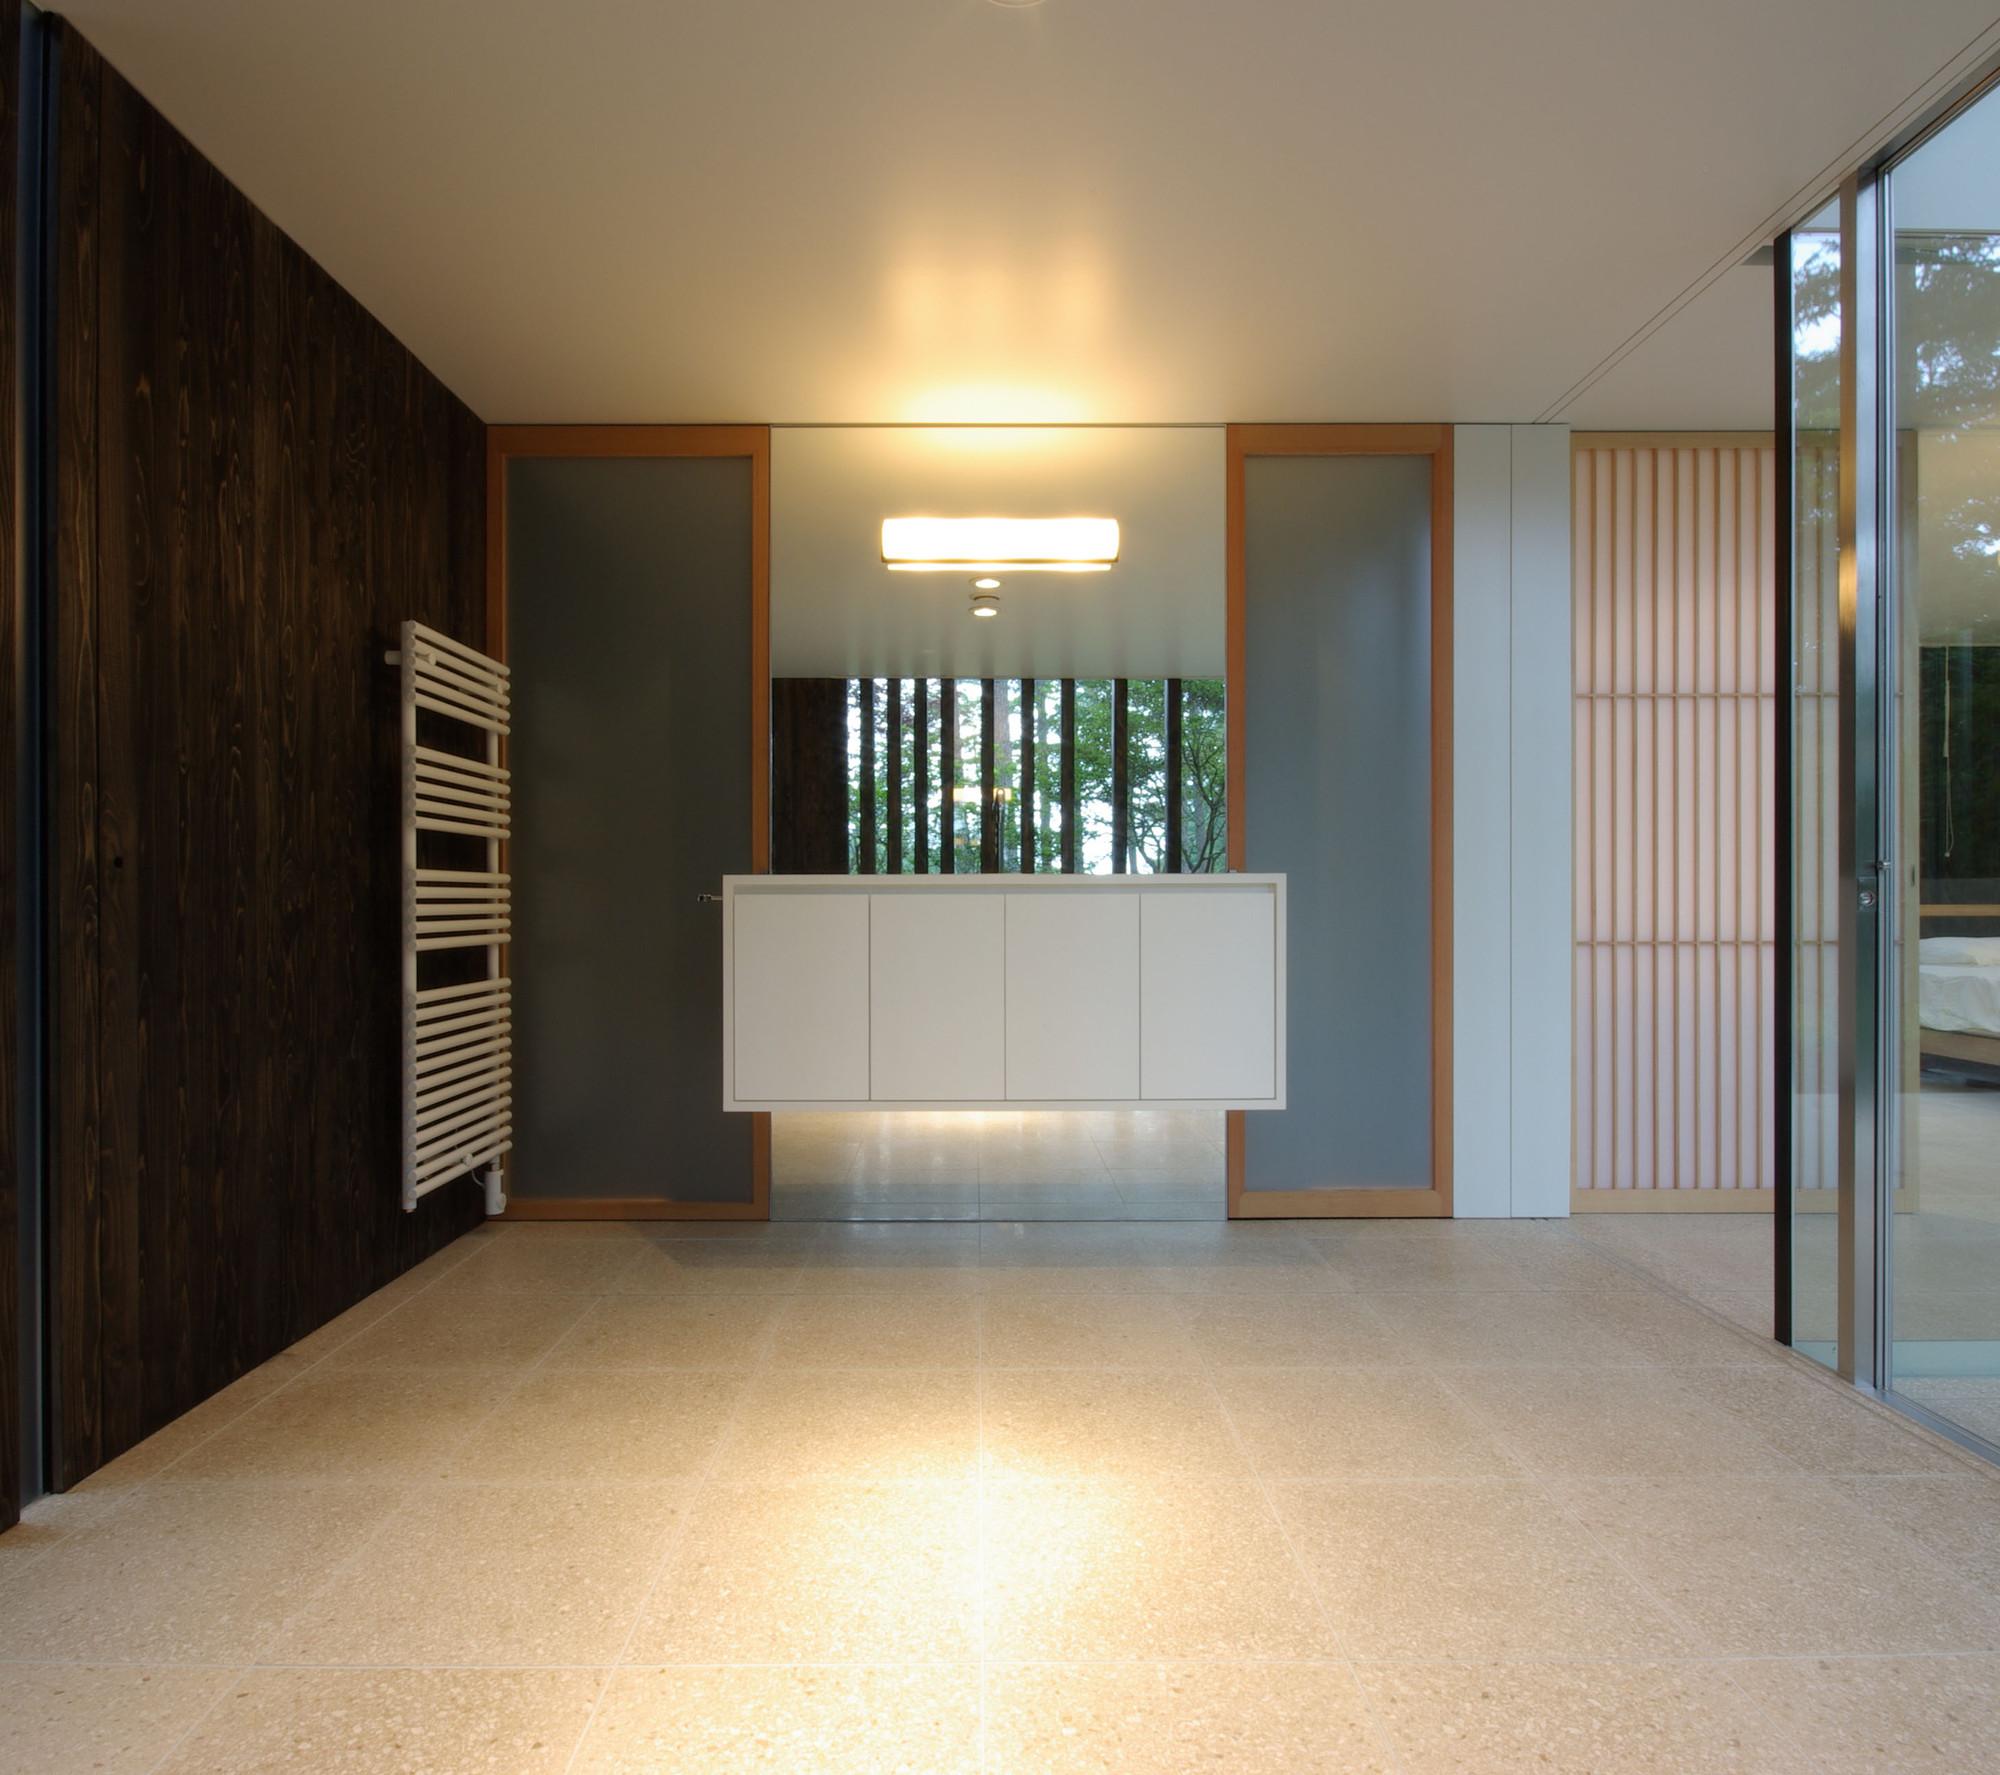 Galeria de casa sengataki case design studio 11 for Case design